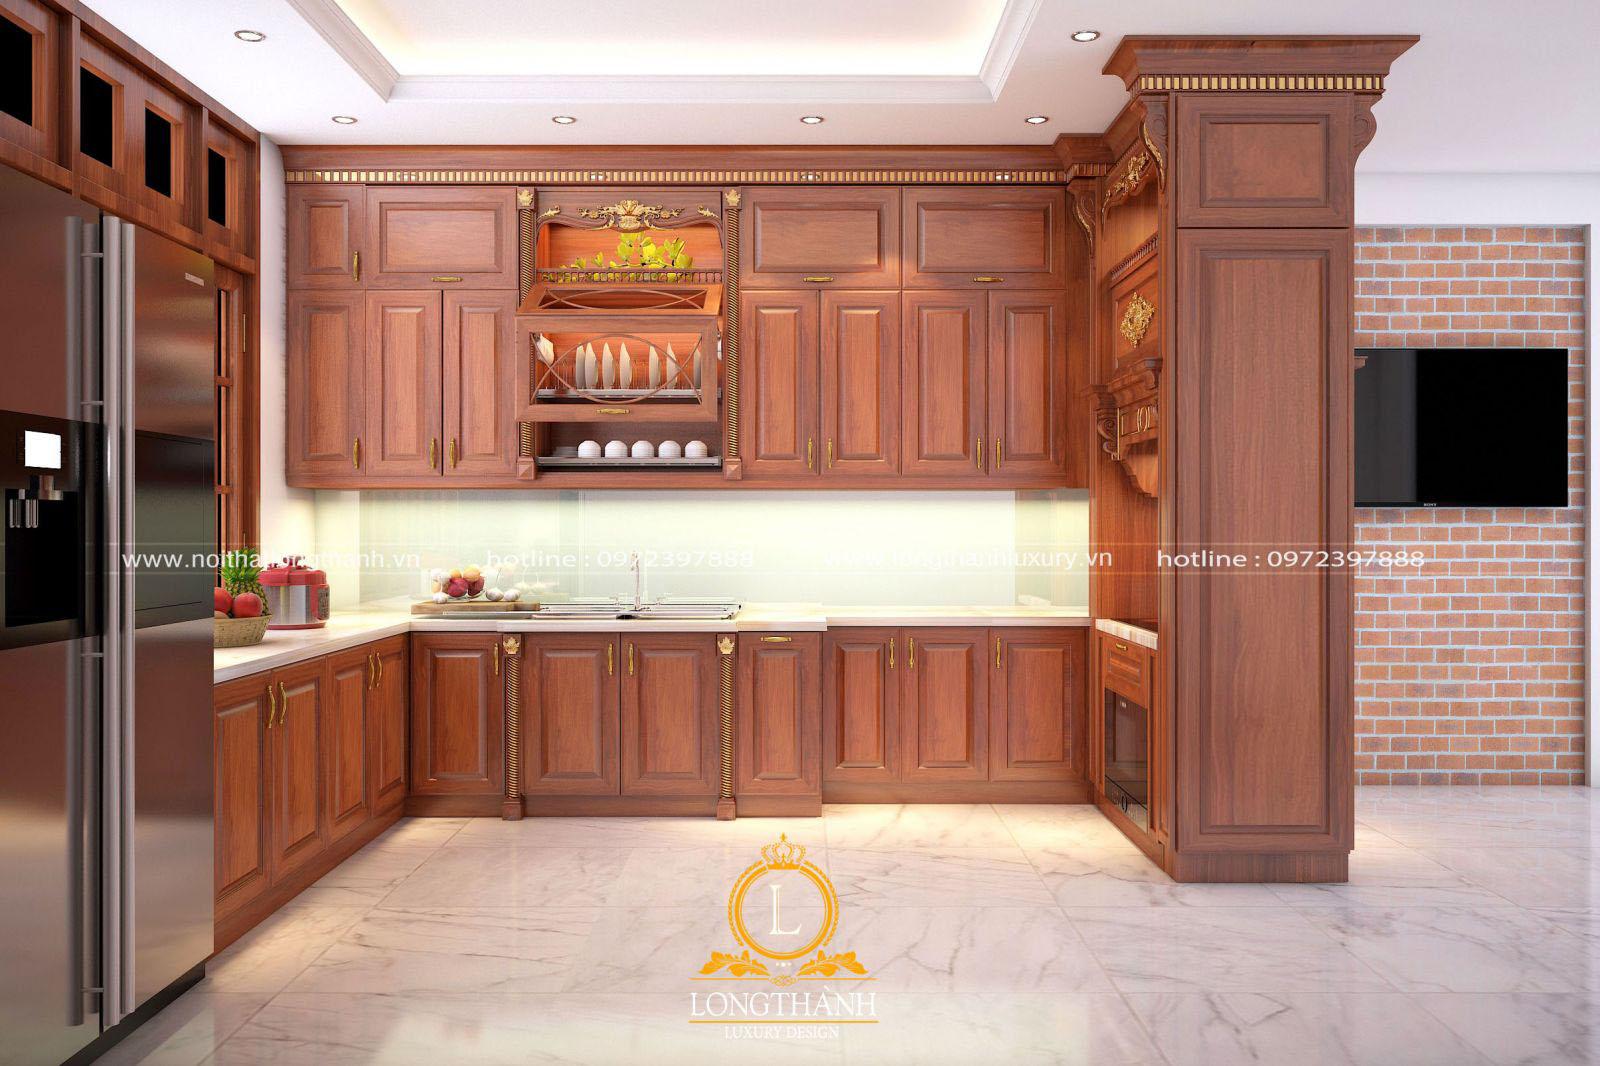 Mẫu thiết kế tủ bếp gỗ Gõ đỏ cao cấp